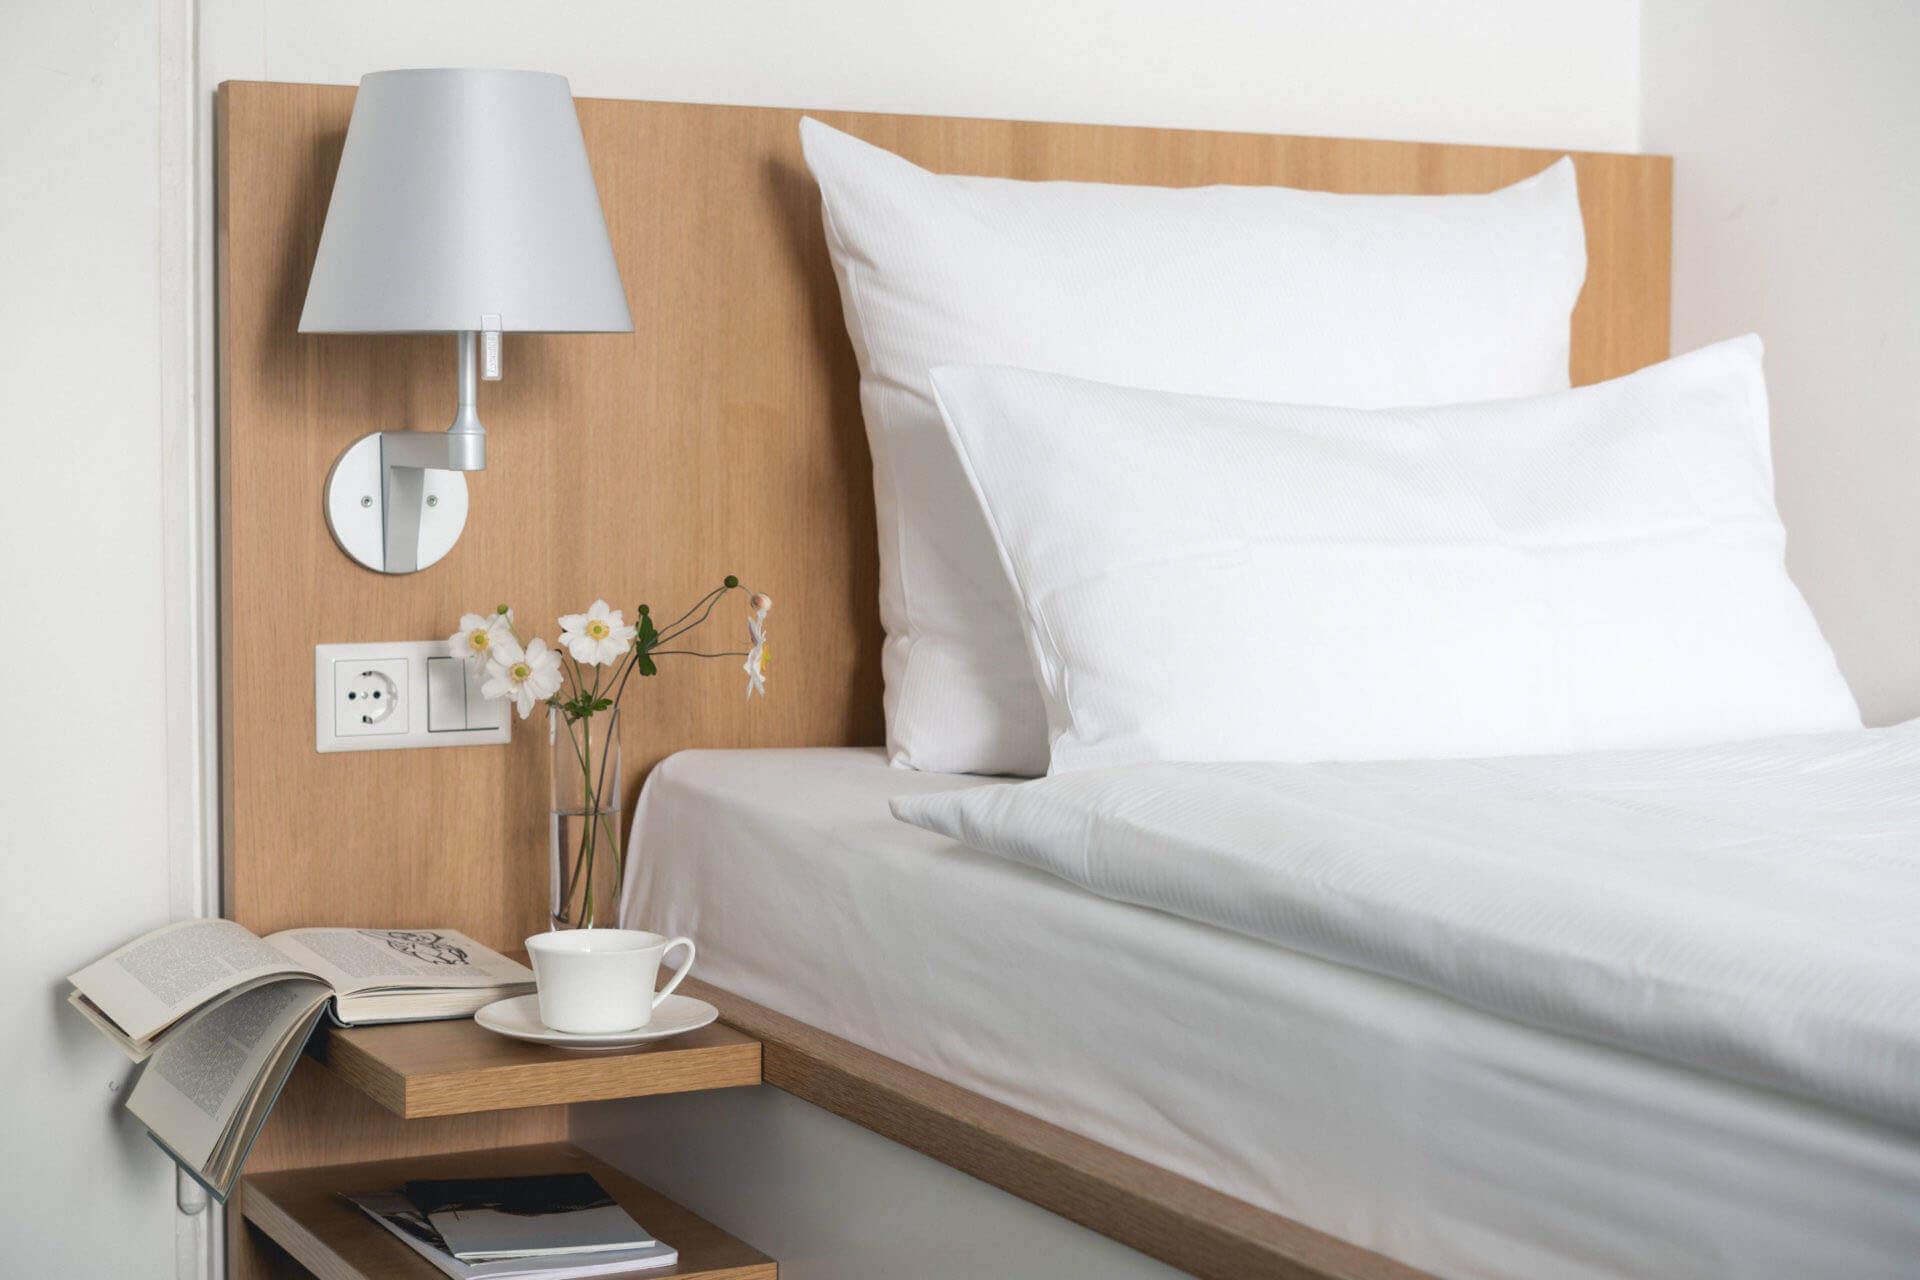 Buchinger Wilhelmi, Fasten, Heilfasten, Fasting, Health, Integrative Medicine, Standard Plus Zimmer, Standard Plus Room, Bett, Bed